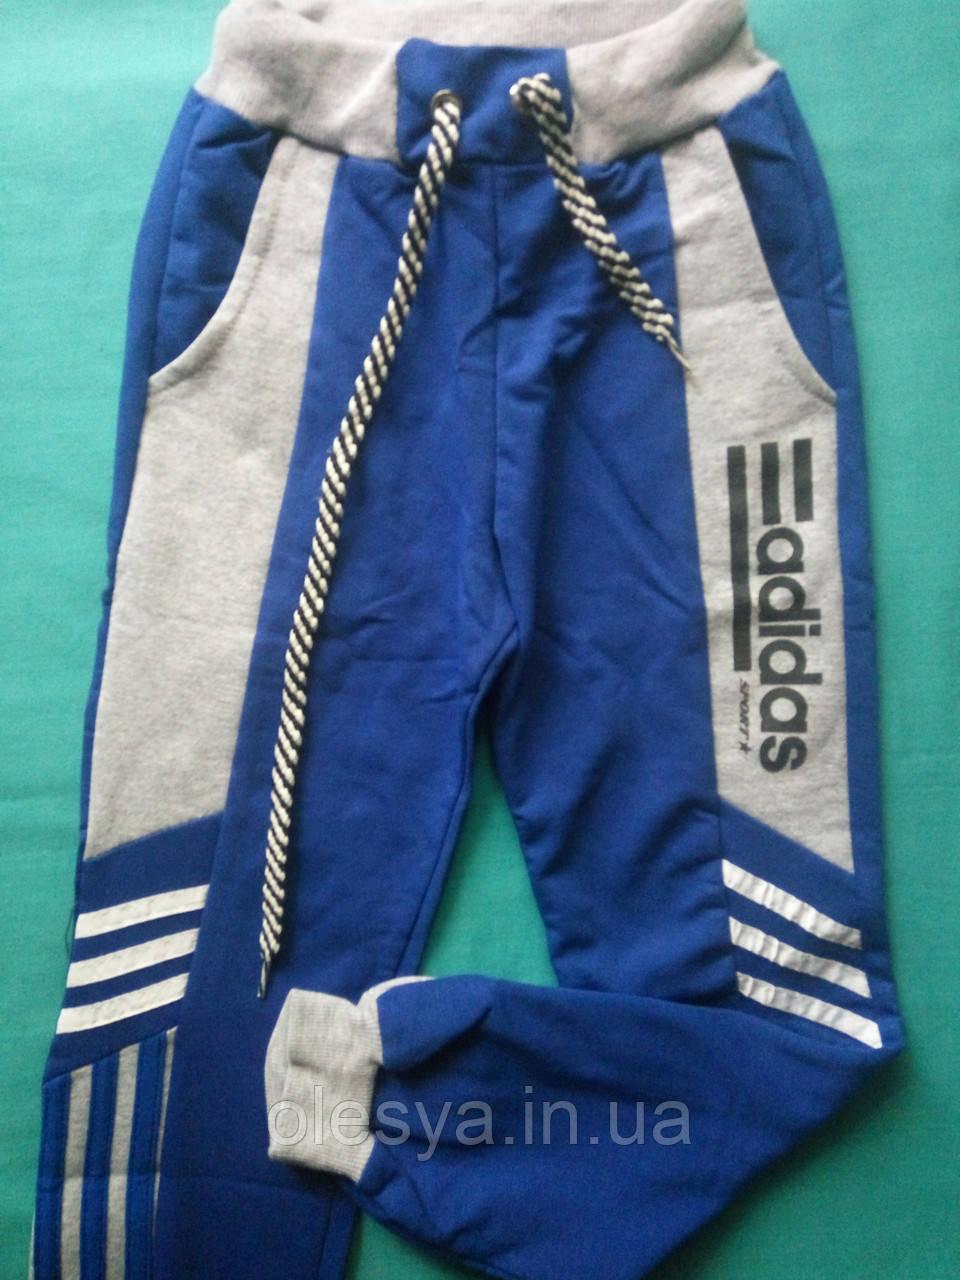 Детские спортивные штаны Адидас на мальчика 34 размер Хлопок